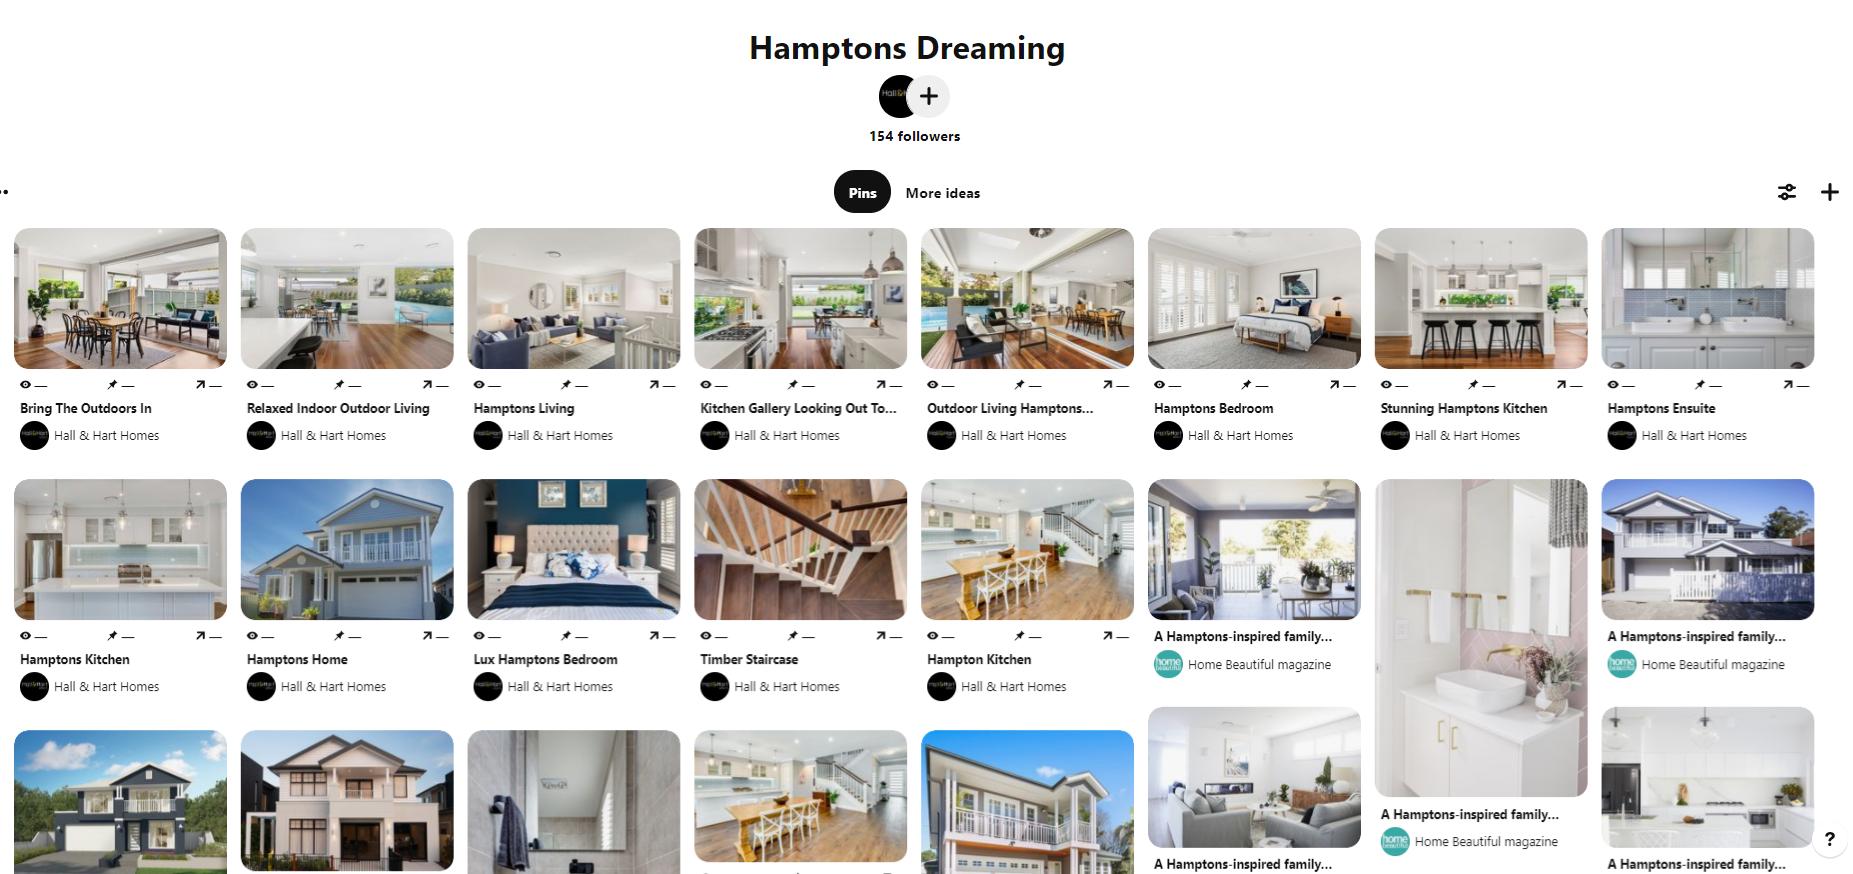 Hamptons Dreaming board